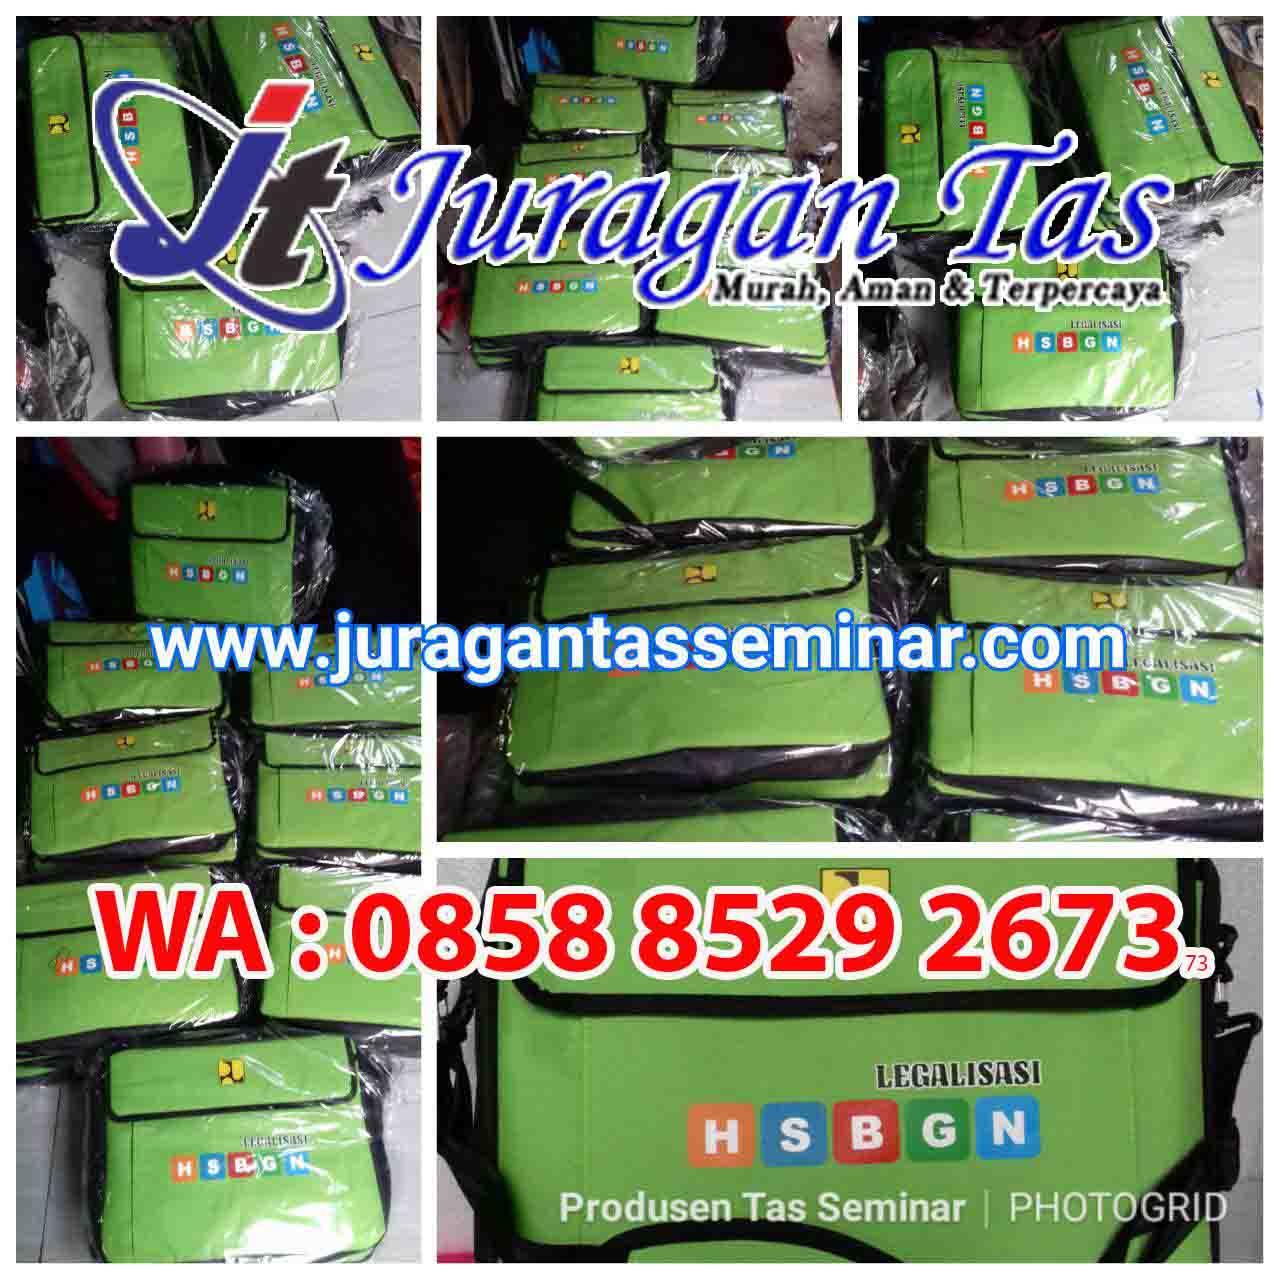 tas seminar tanjung pinang,tas pelatihan murah,tas seminar kit,produsen tas seminar